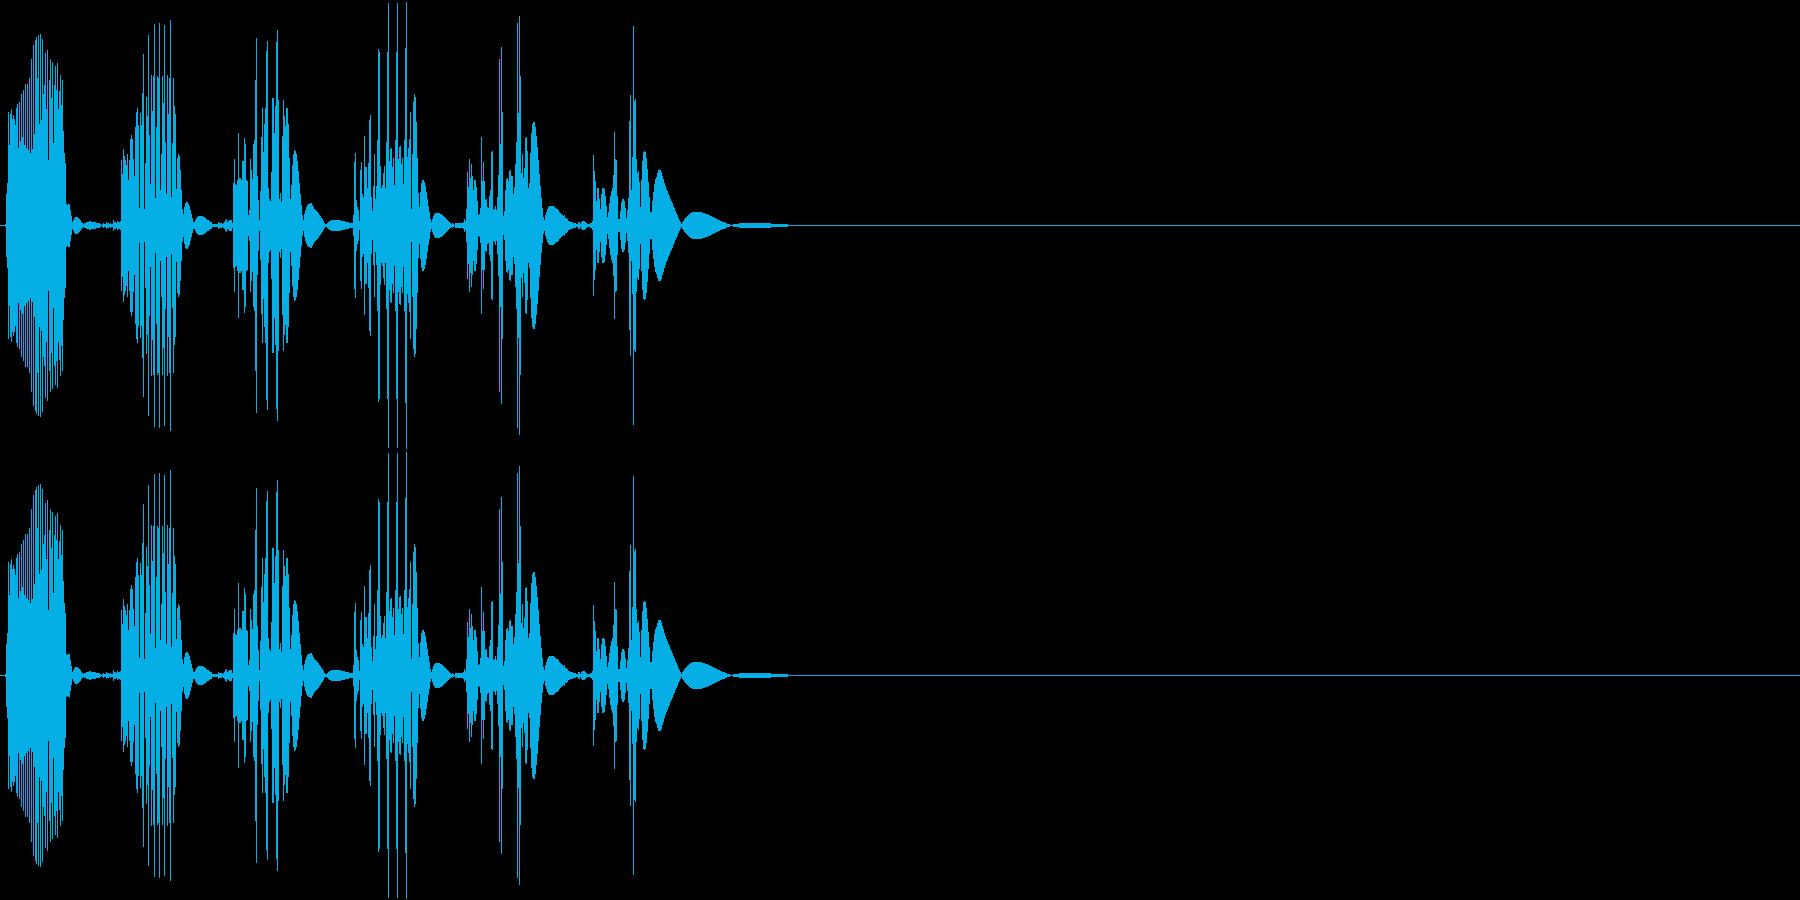 【ポコッ】ファミコン系 敵を倒す音_01の再生済みの波形